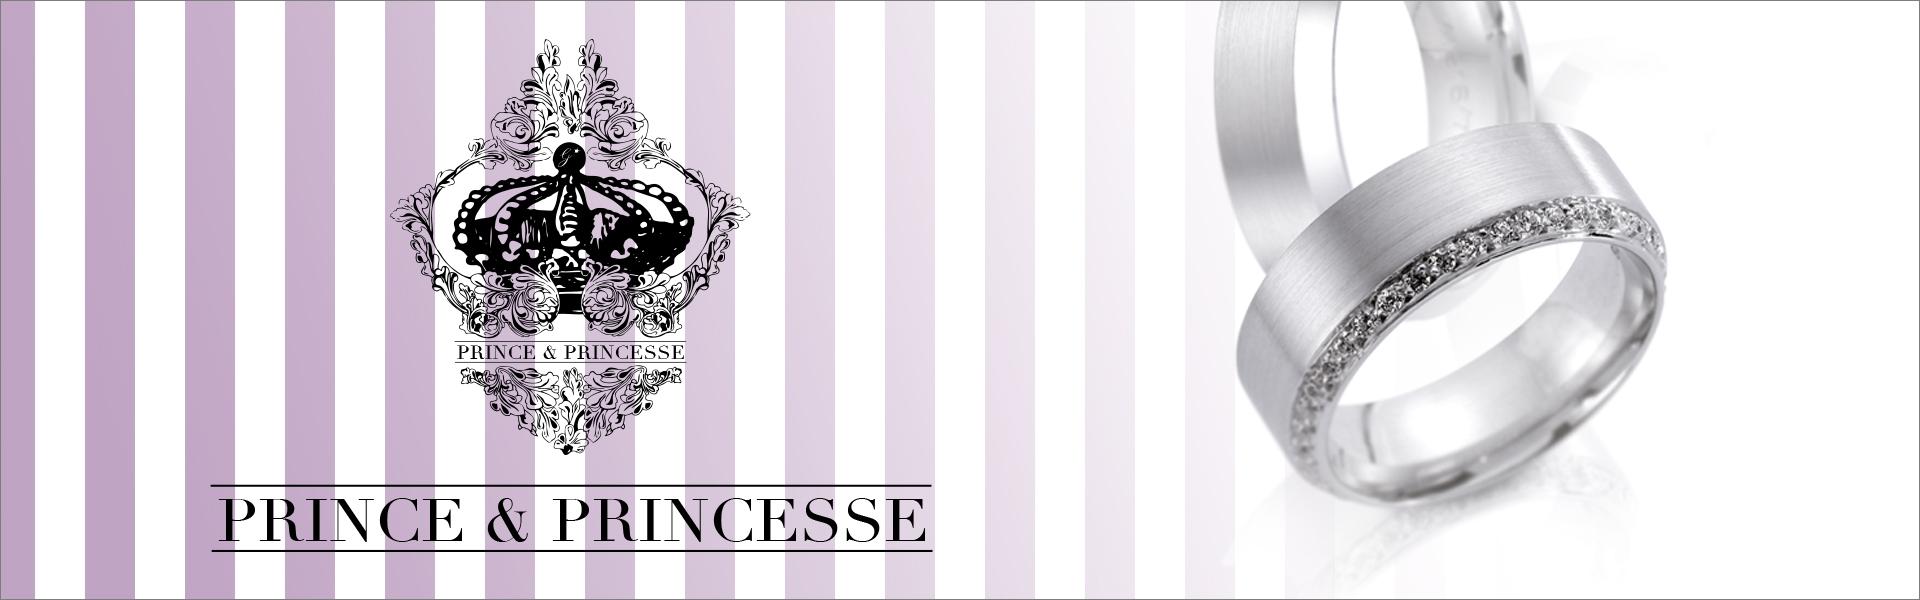 Prince & Princesse